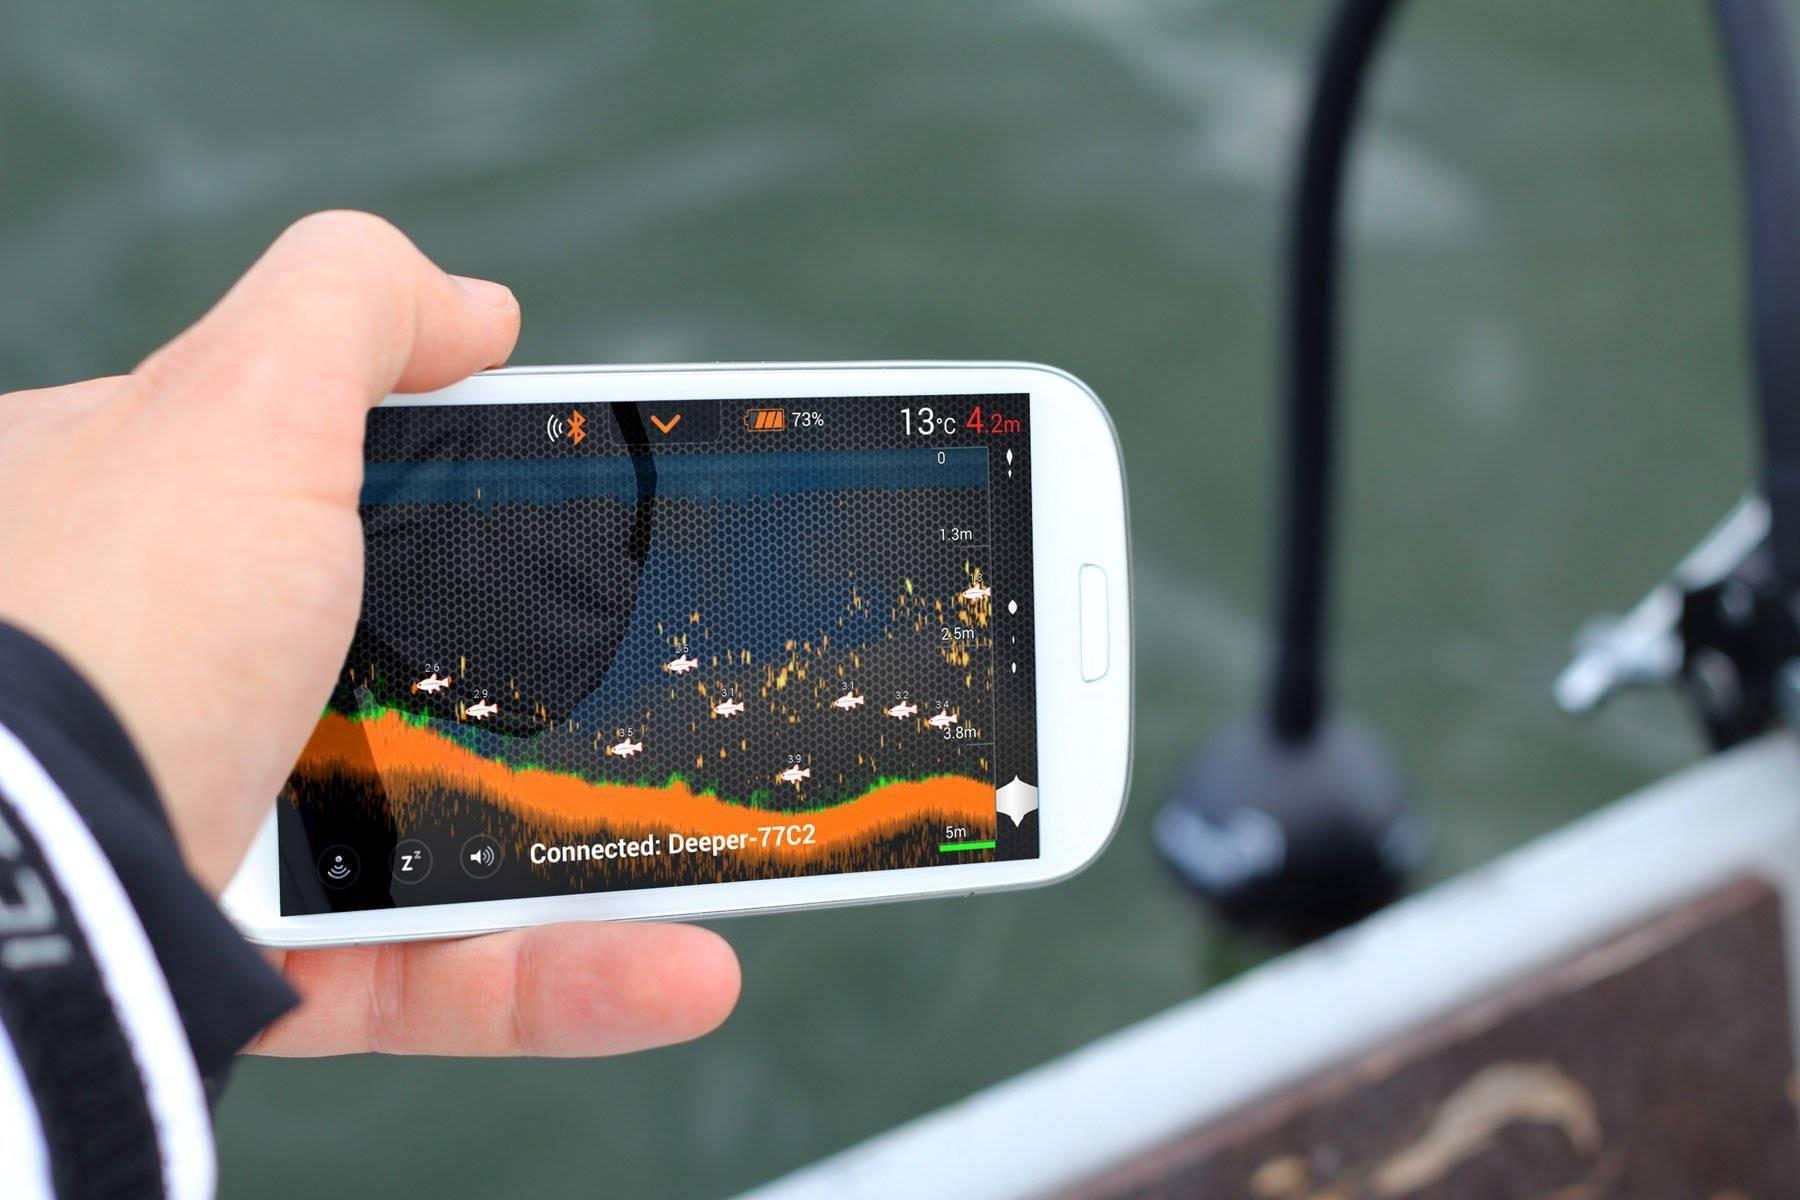 Deeper pro plus c wi-fi - беспроводной эхолот для зимней рыбалки | отзыв владельца